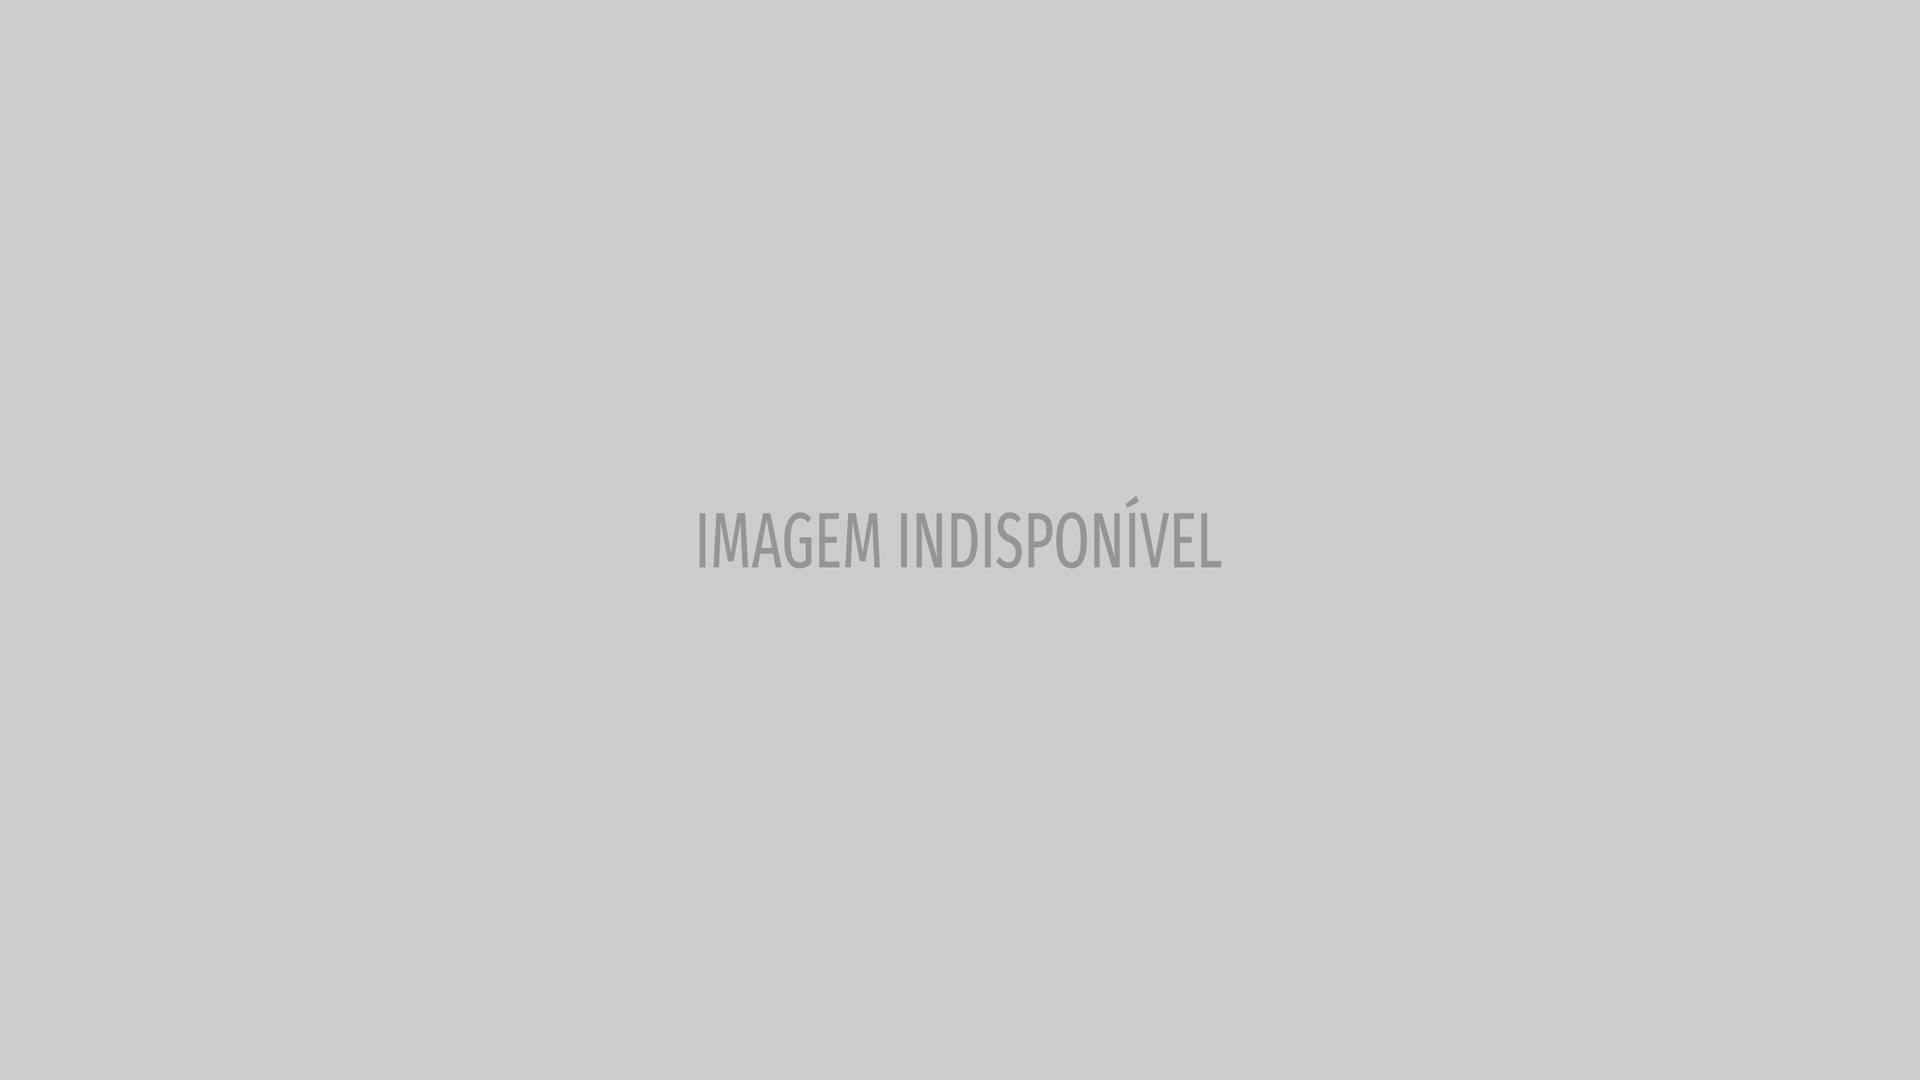 Carolina Deslandes compara o filho a personagem da Disney